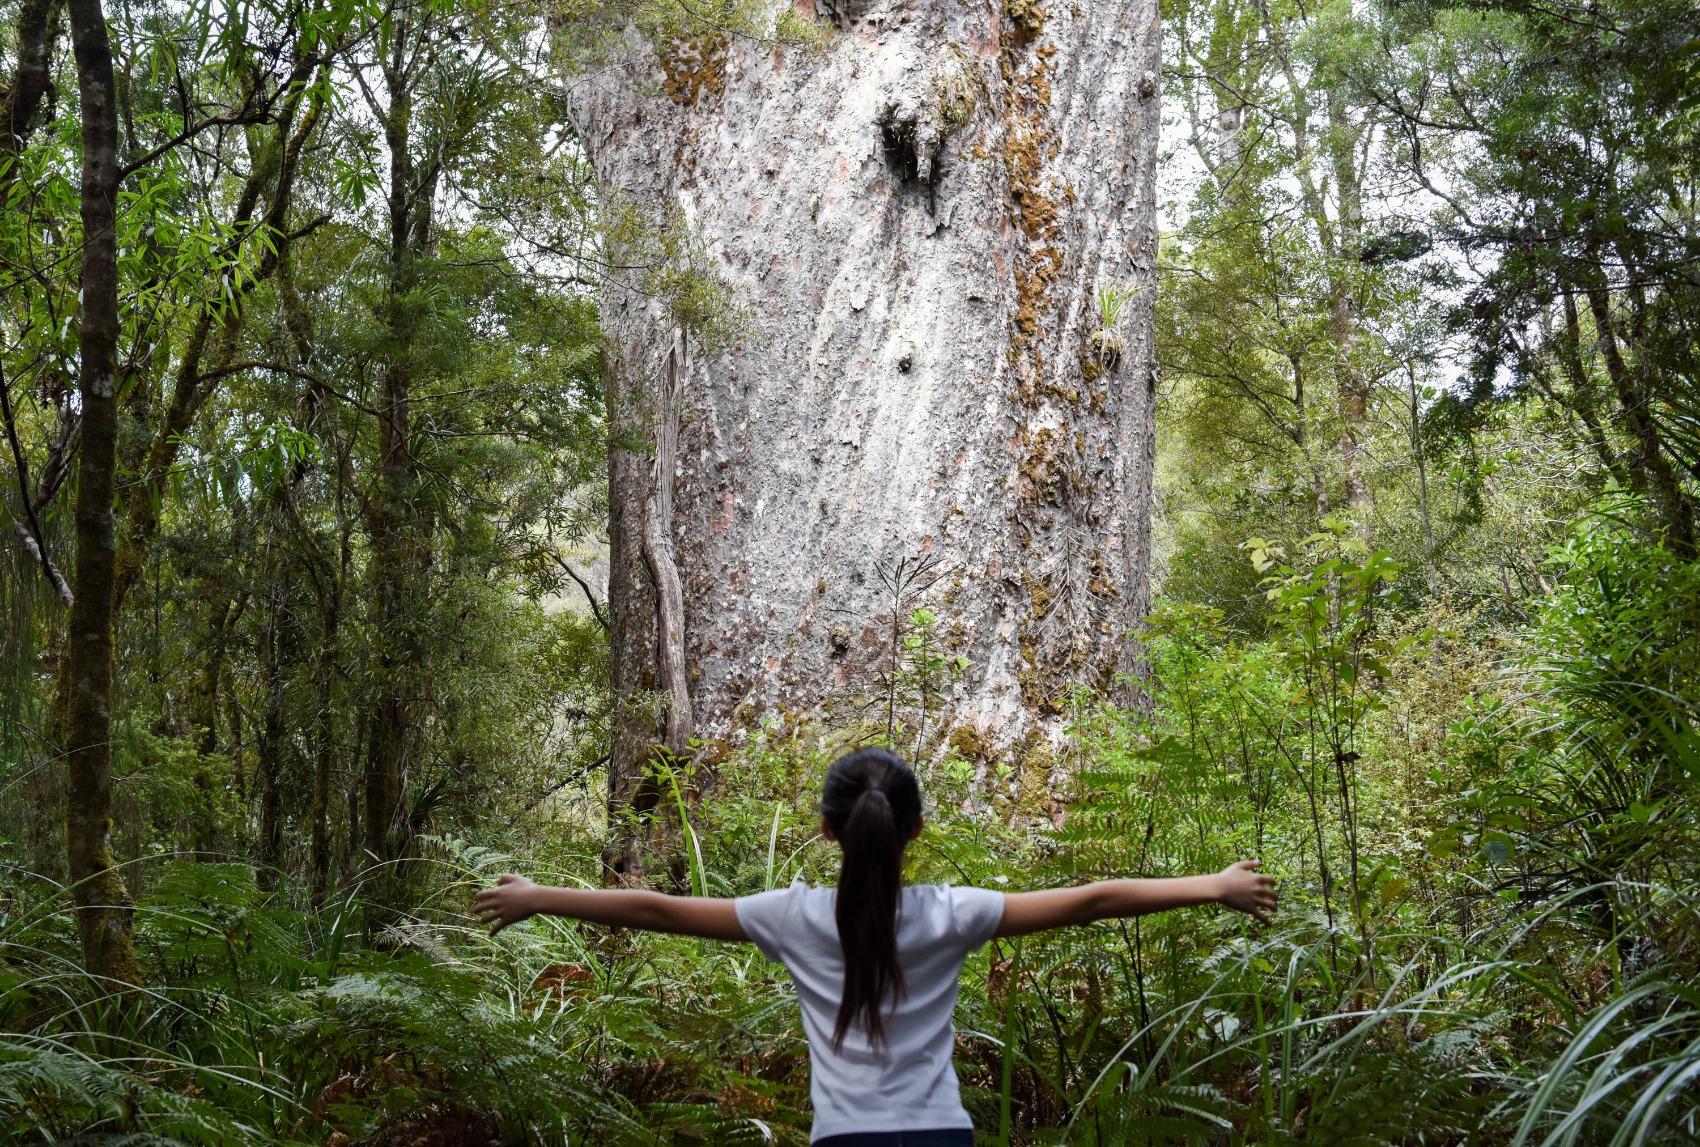 隐于森林深处的新西兰国宝--世界最大贝壳杉